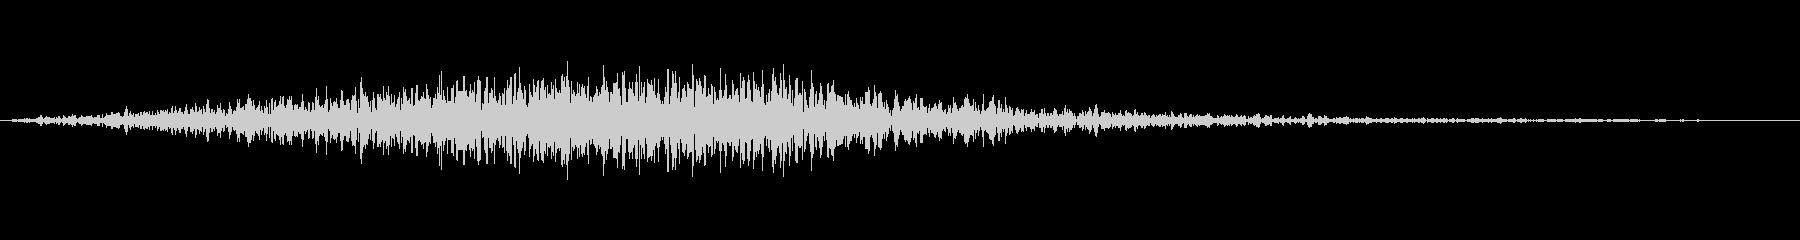 風音01(ピュー/短い系)の未再生の波形